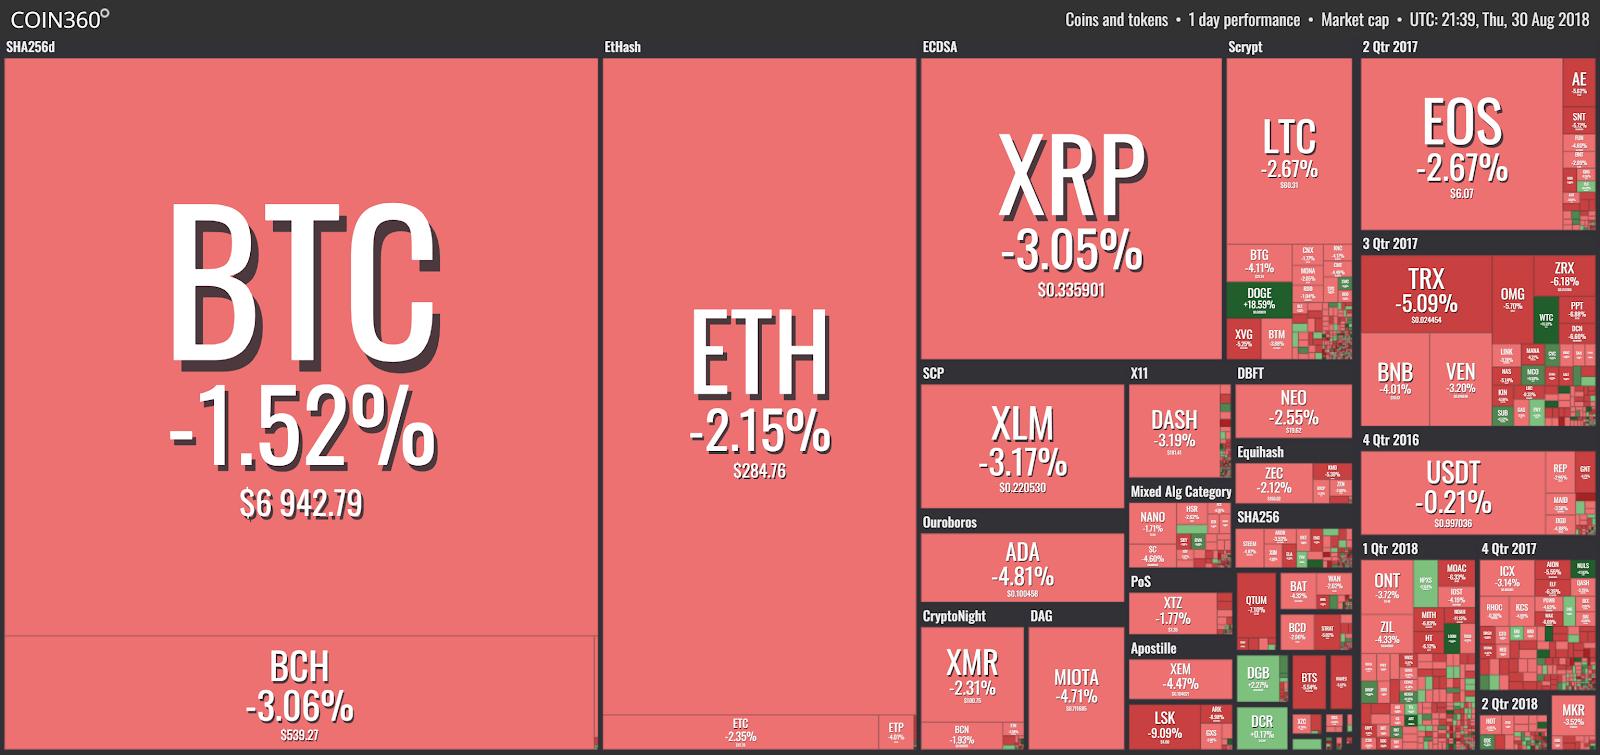 Visualización del mercado desde Coin360